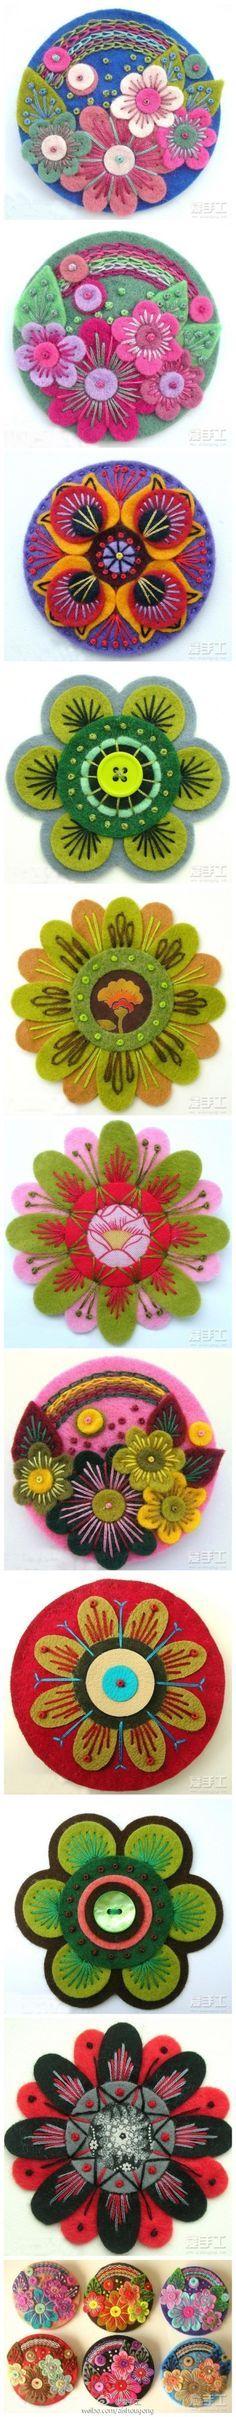 Amor microblog mão microblogging Sina - a qualquer hora, em qualquer lugar compartilhando amor artesanal desconhecido